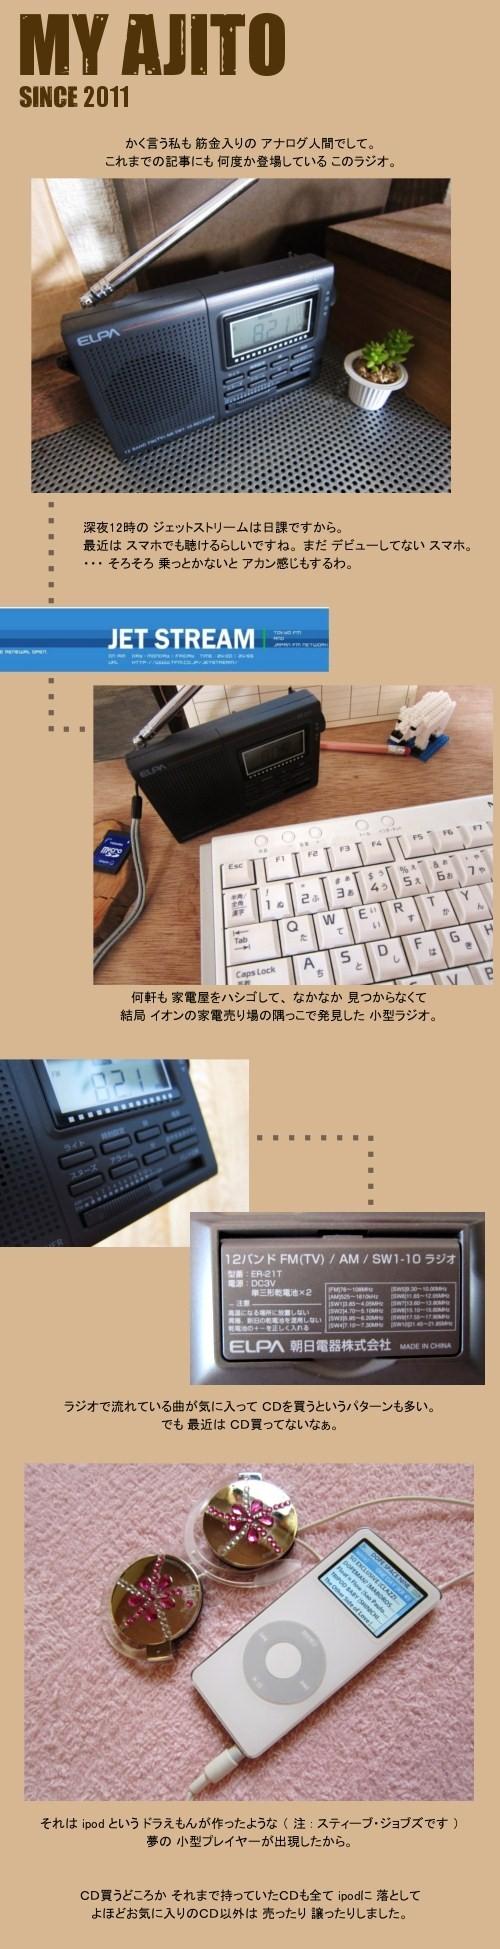 reco_02.jpg